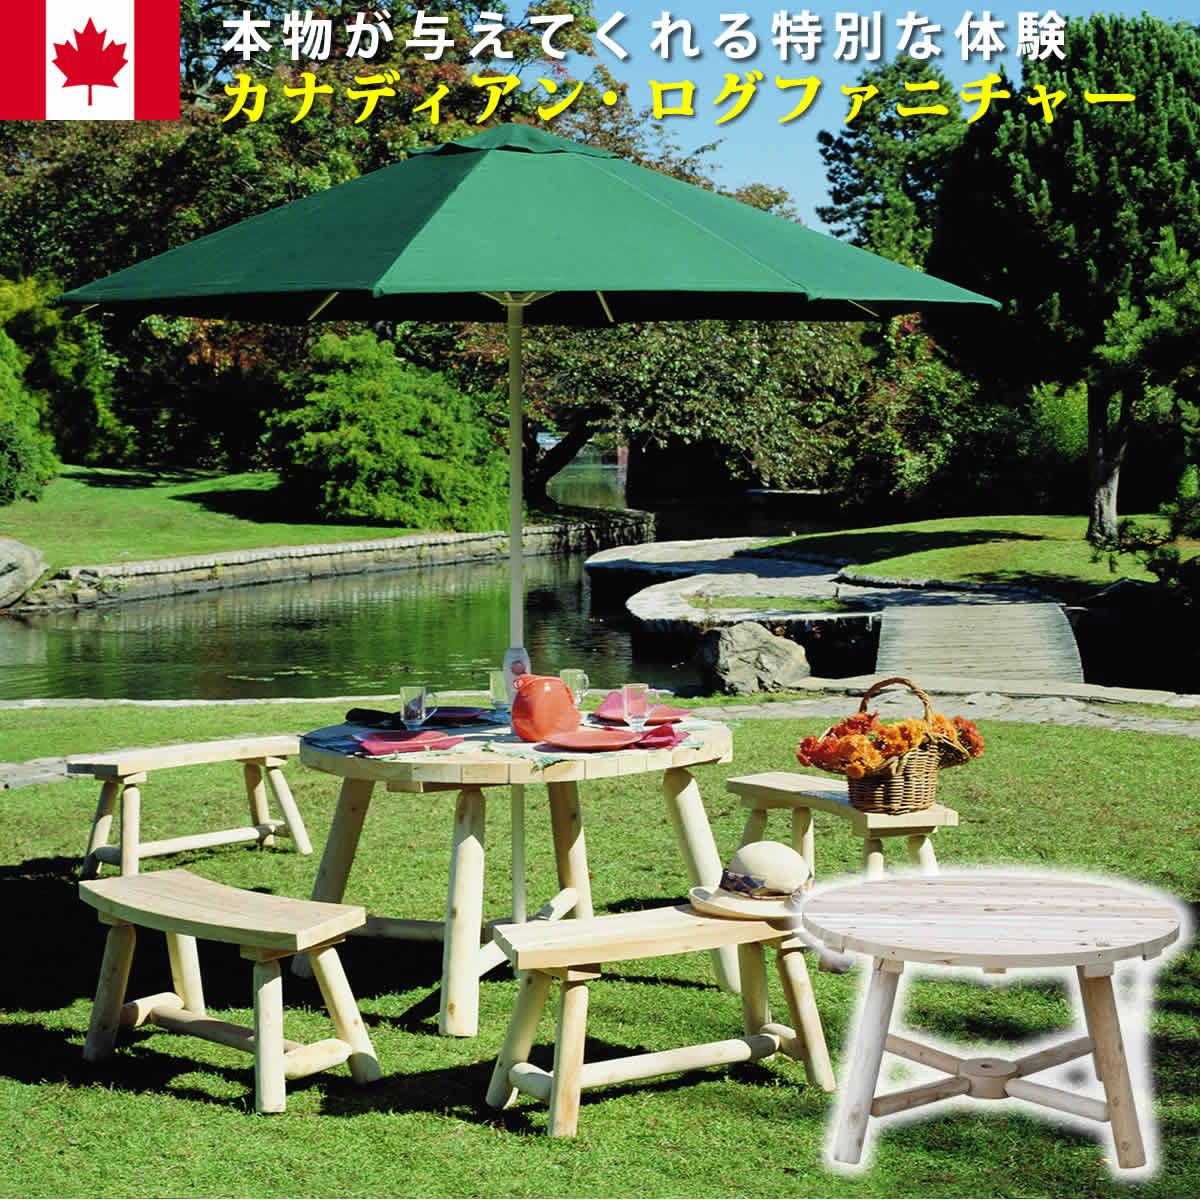 Cedar Looks ラウンドパラソルテーブル 天然木製 アウトドア ガーデンファニチャー ホワイトシダー 米杉 ログファニチャー セット 屋外 庭 園芸 エクステリア 住まいスタイル 送料無料